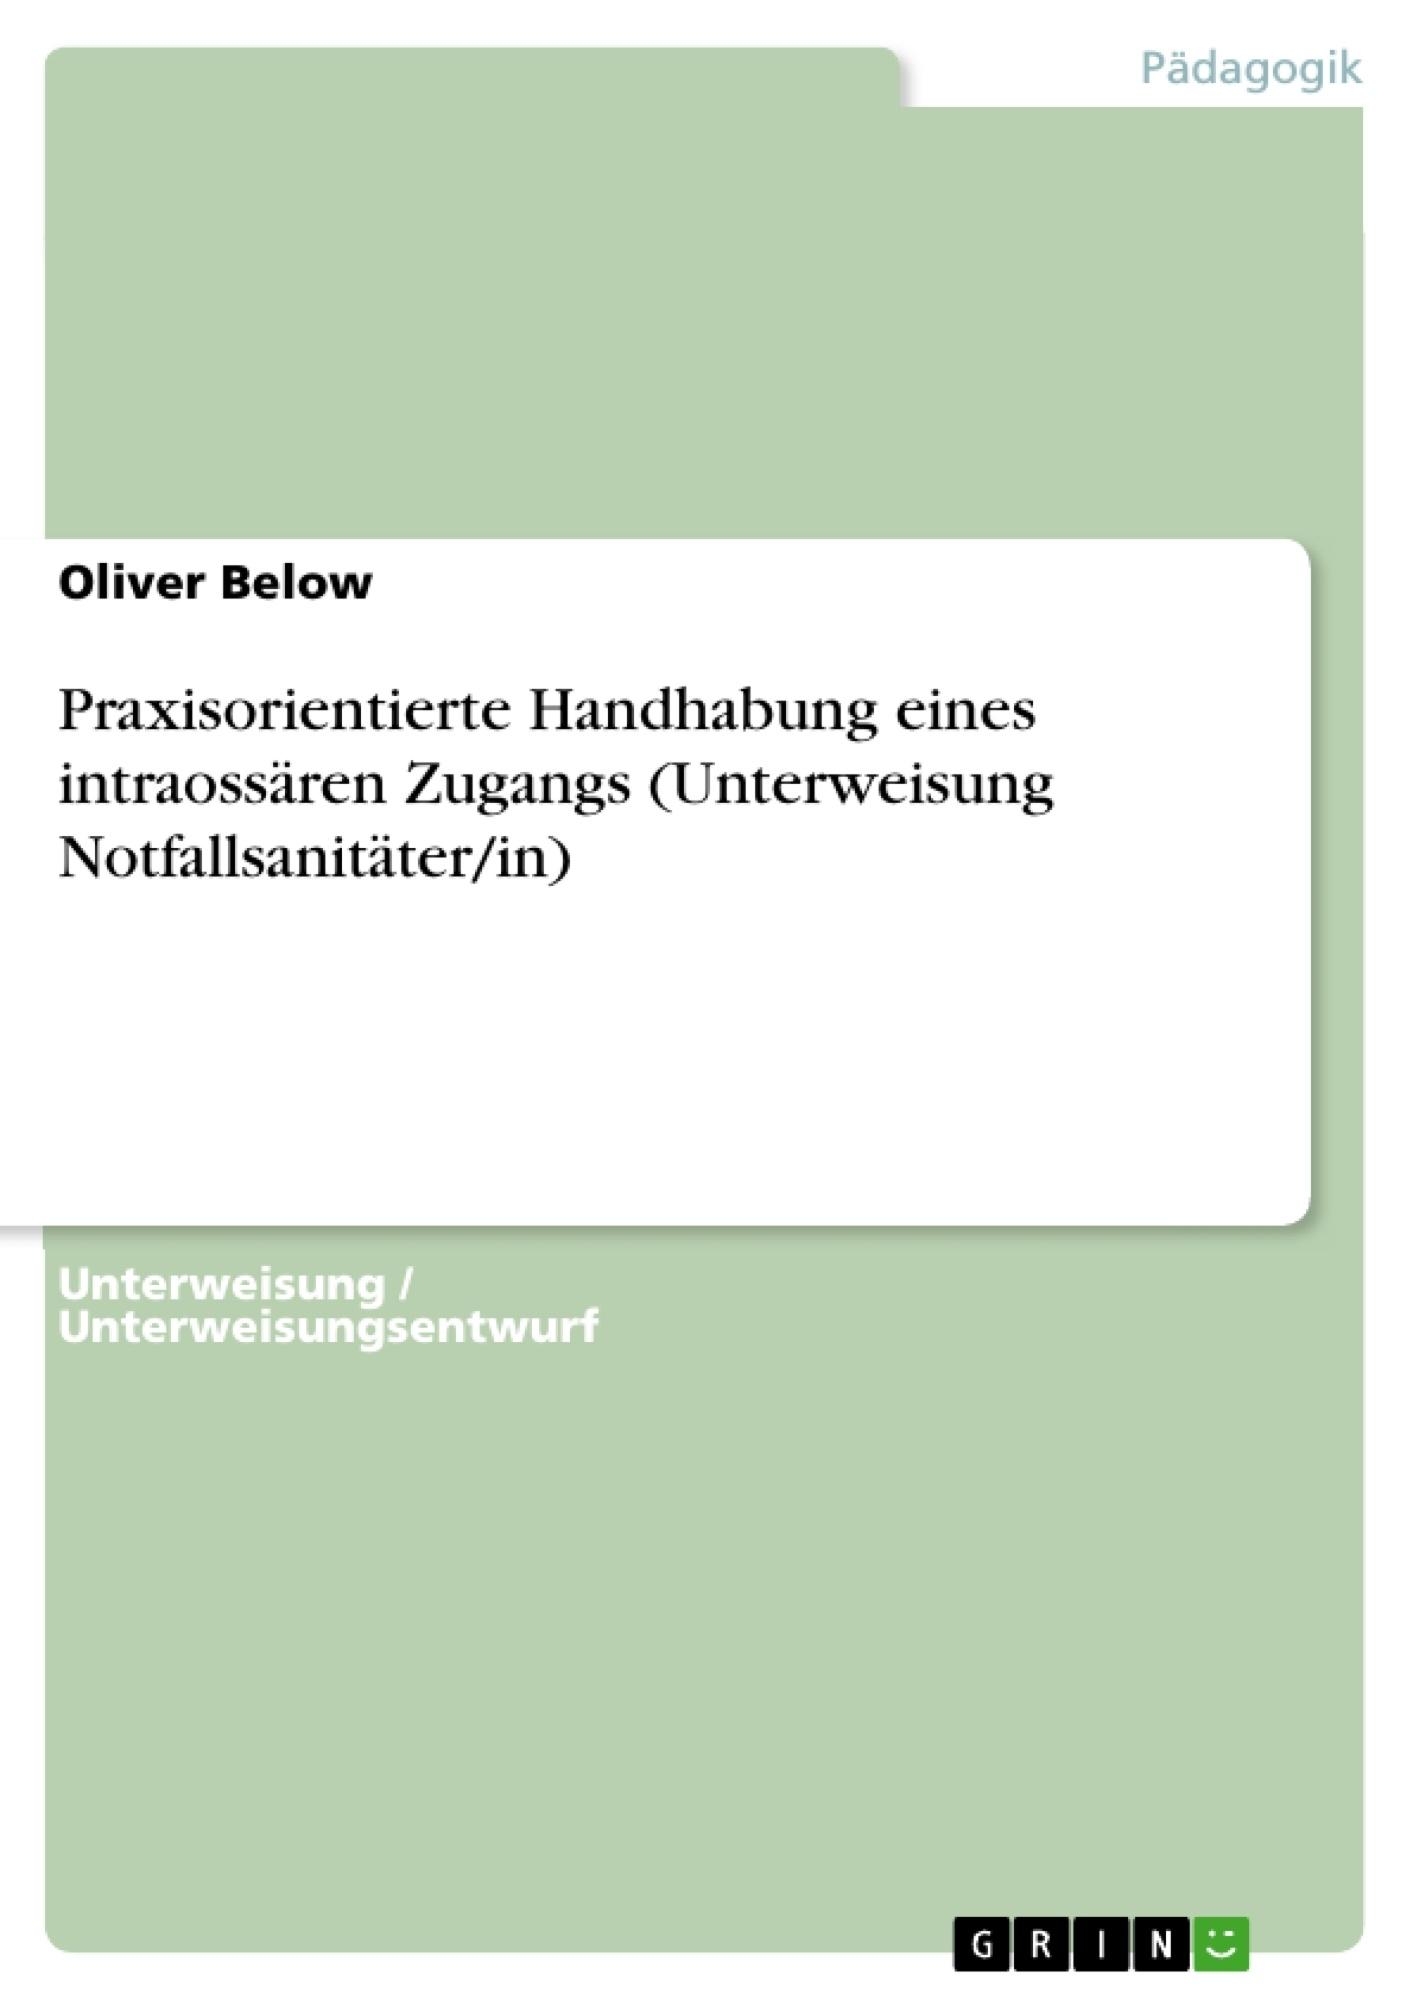 Titel: Praxisorientierte Handhabung eines intraossären Zugangs (Unterweisung Notfallsanitäter/in)